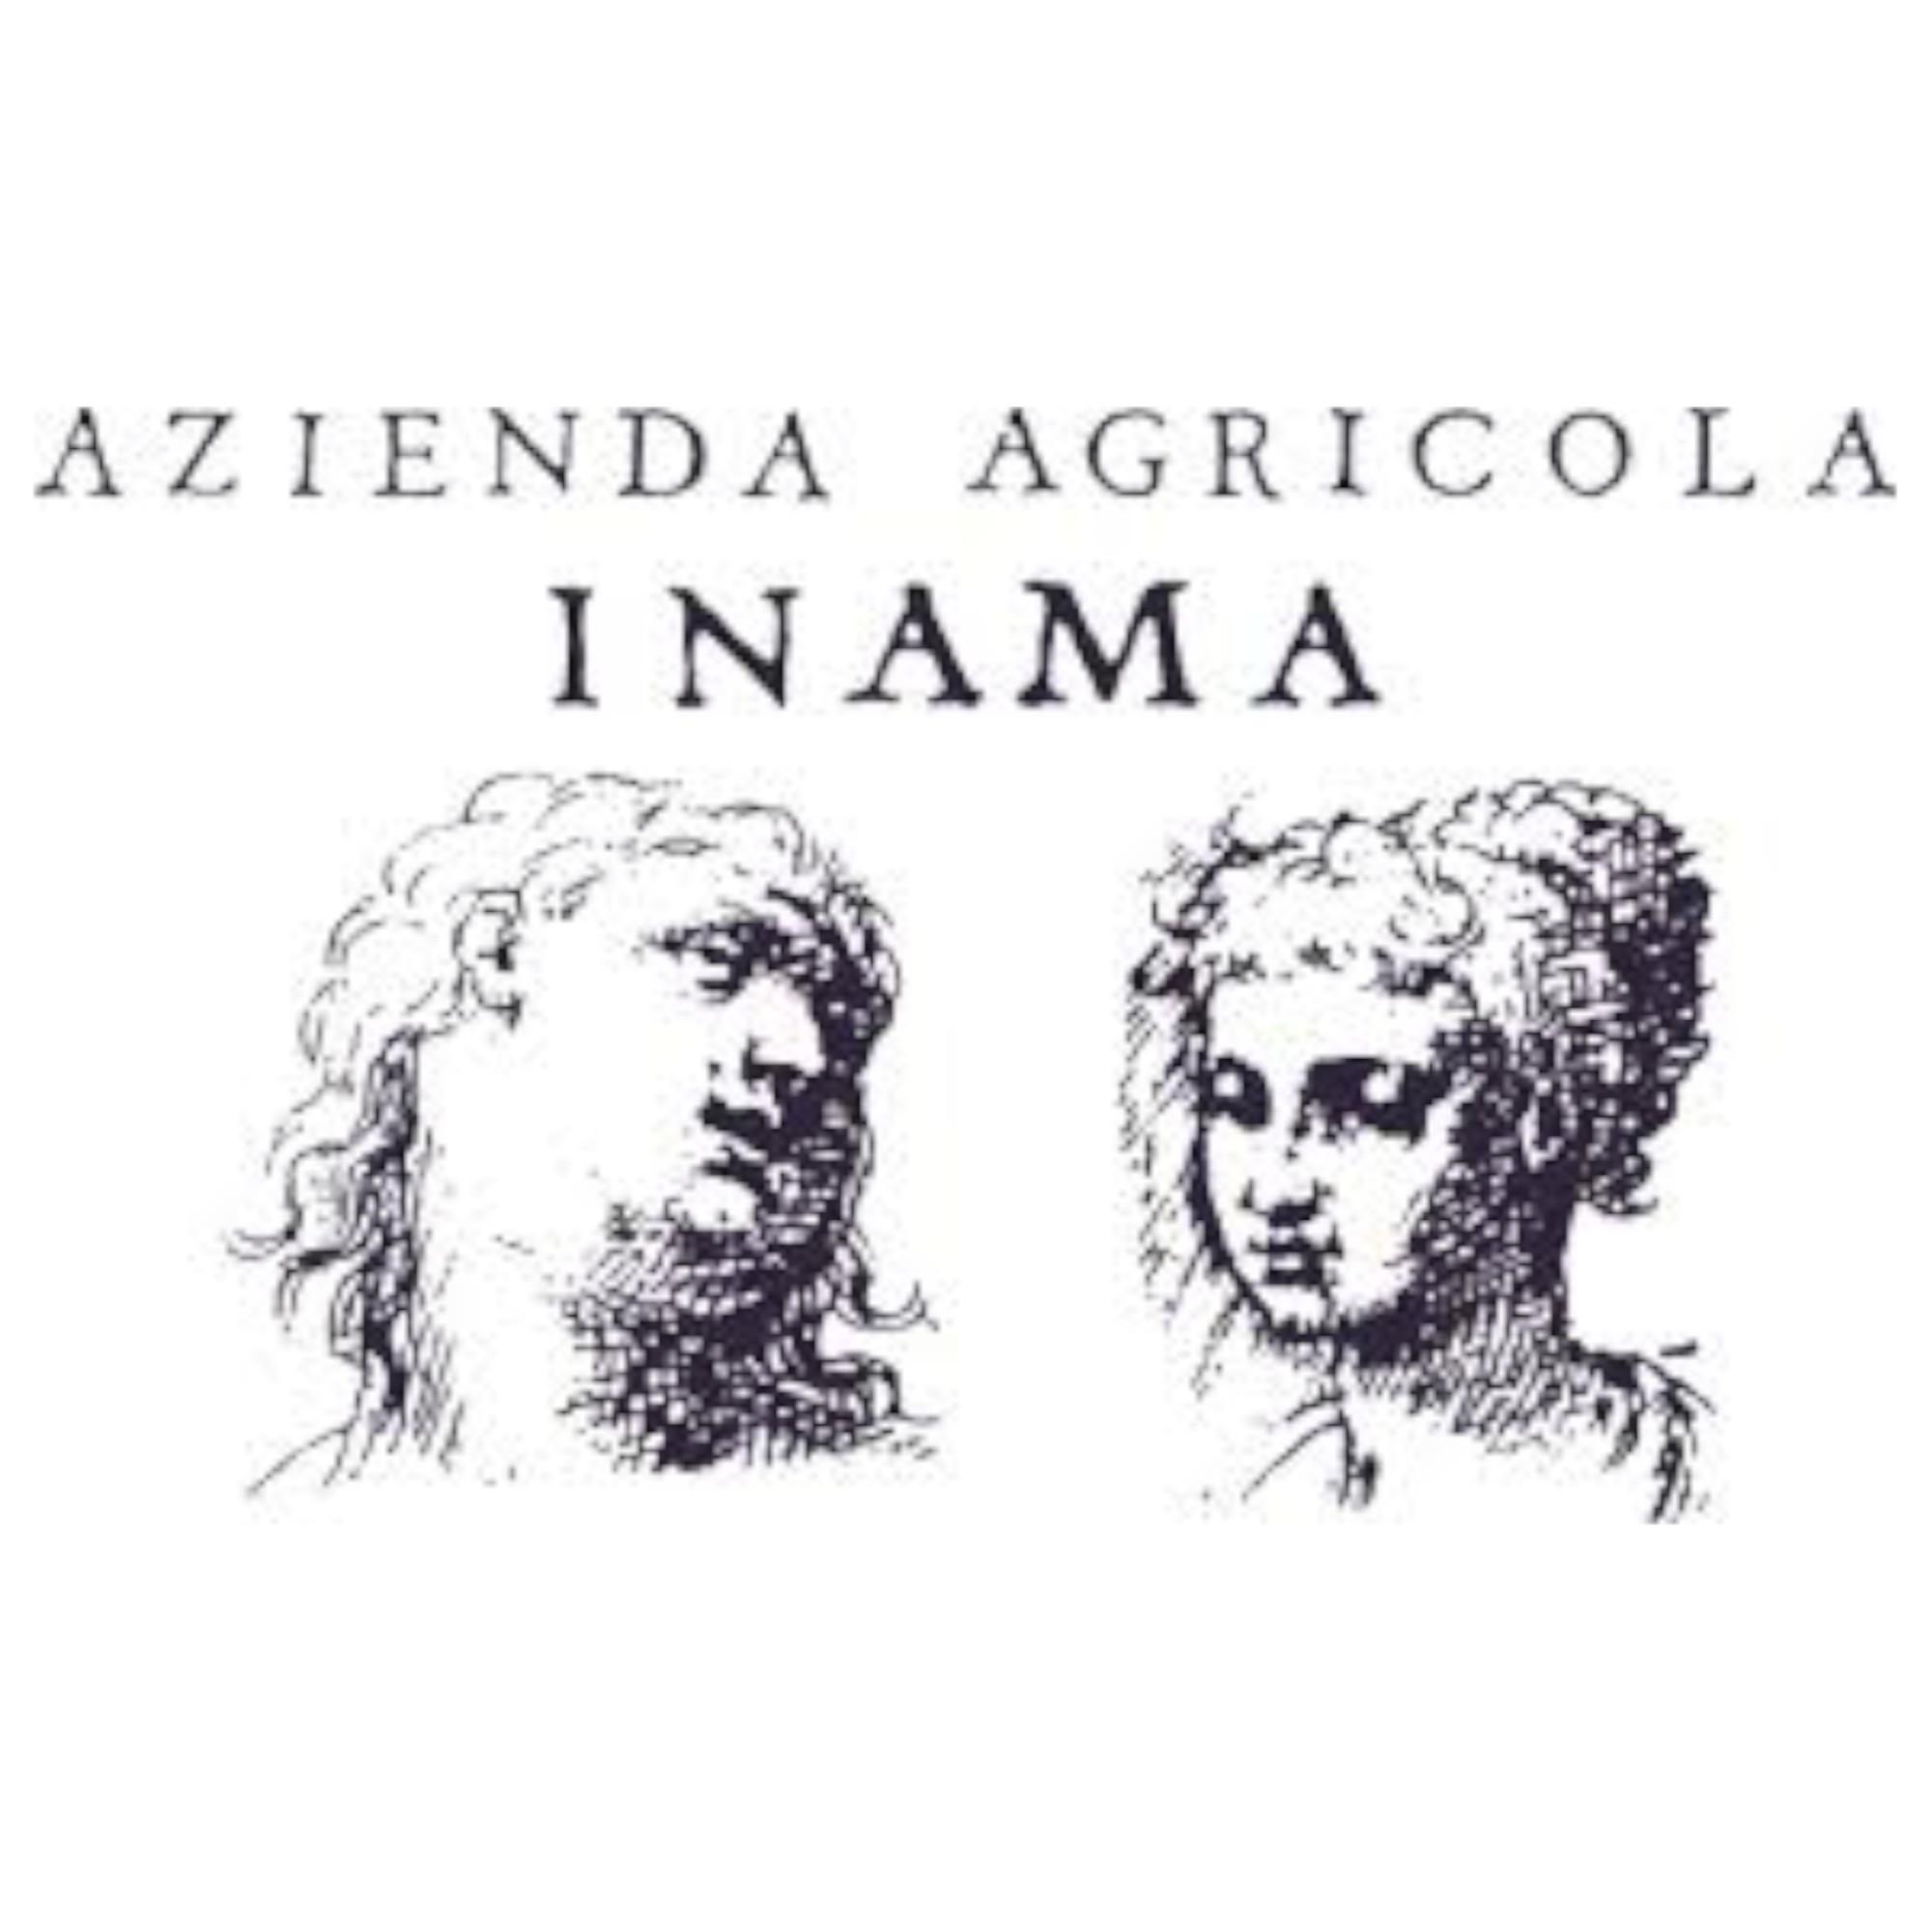 Azienda Agricola Inama